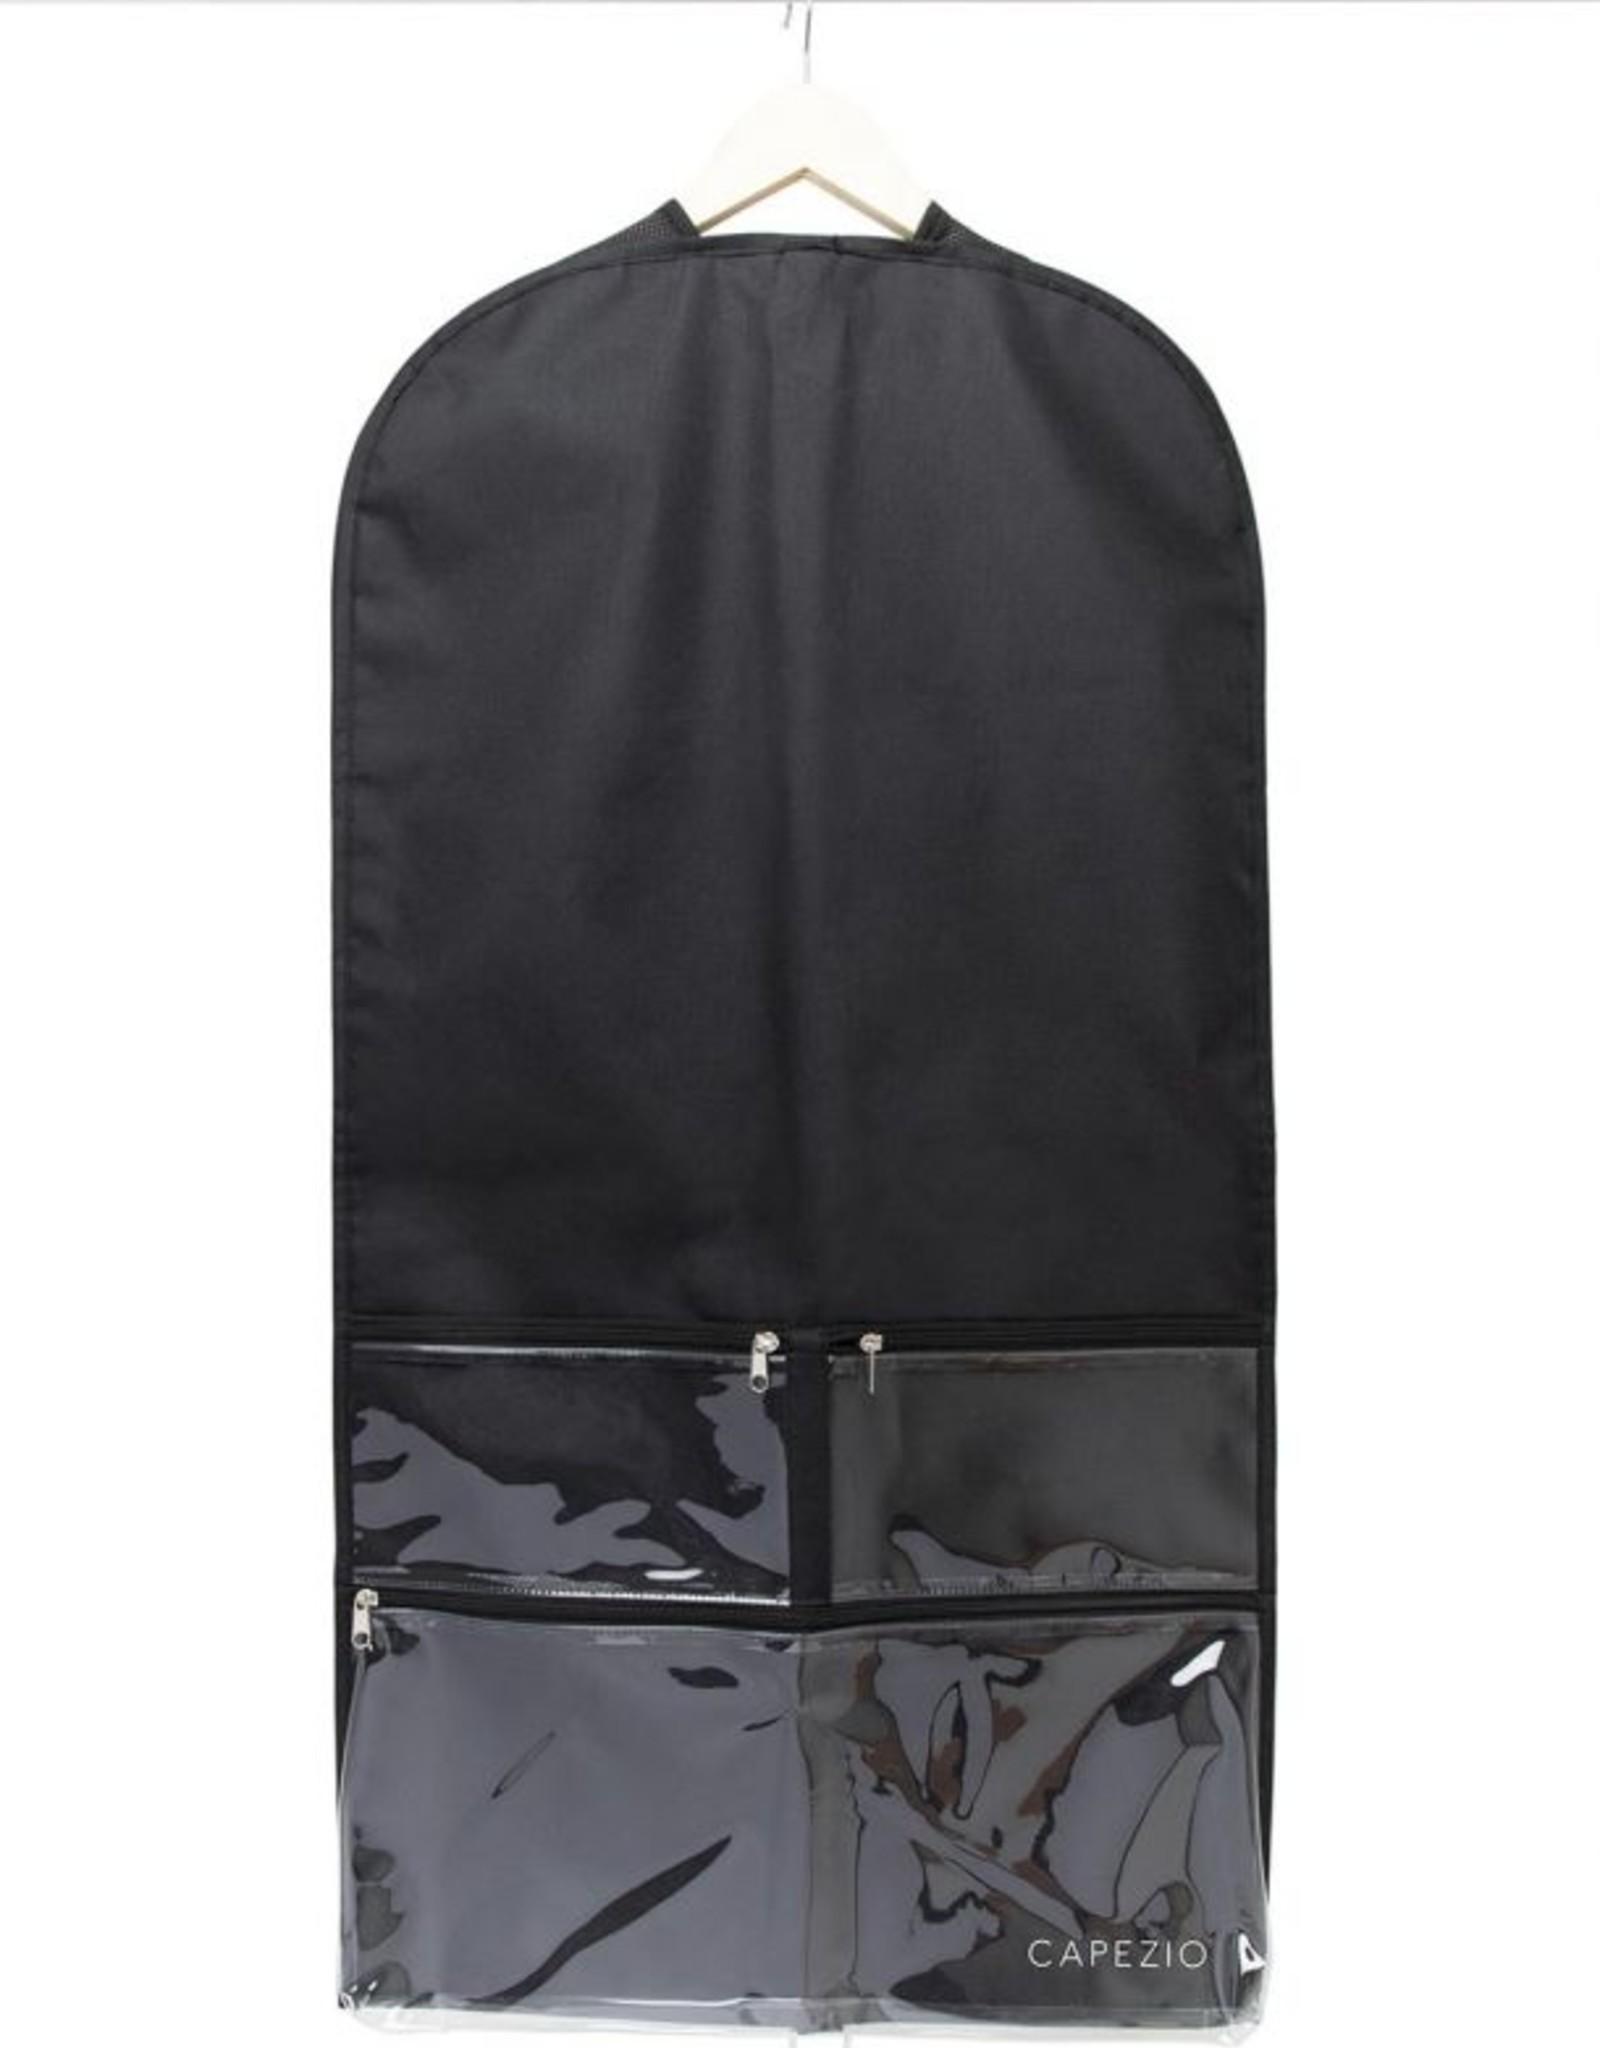 Capezio Capezio Clear Garment Bag - B217